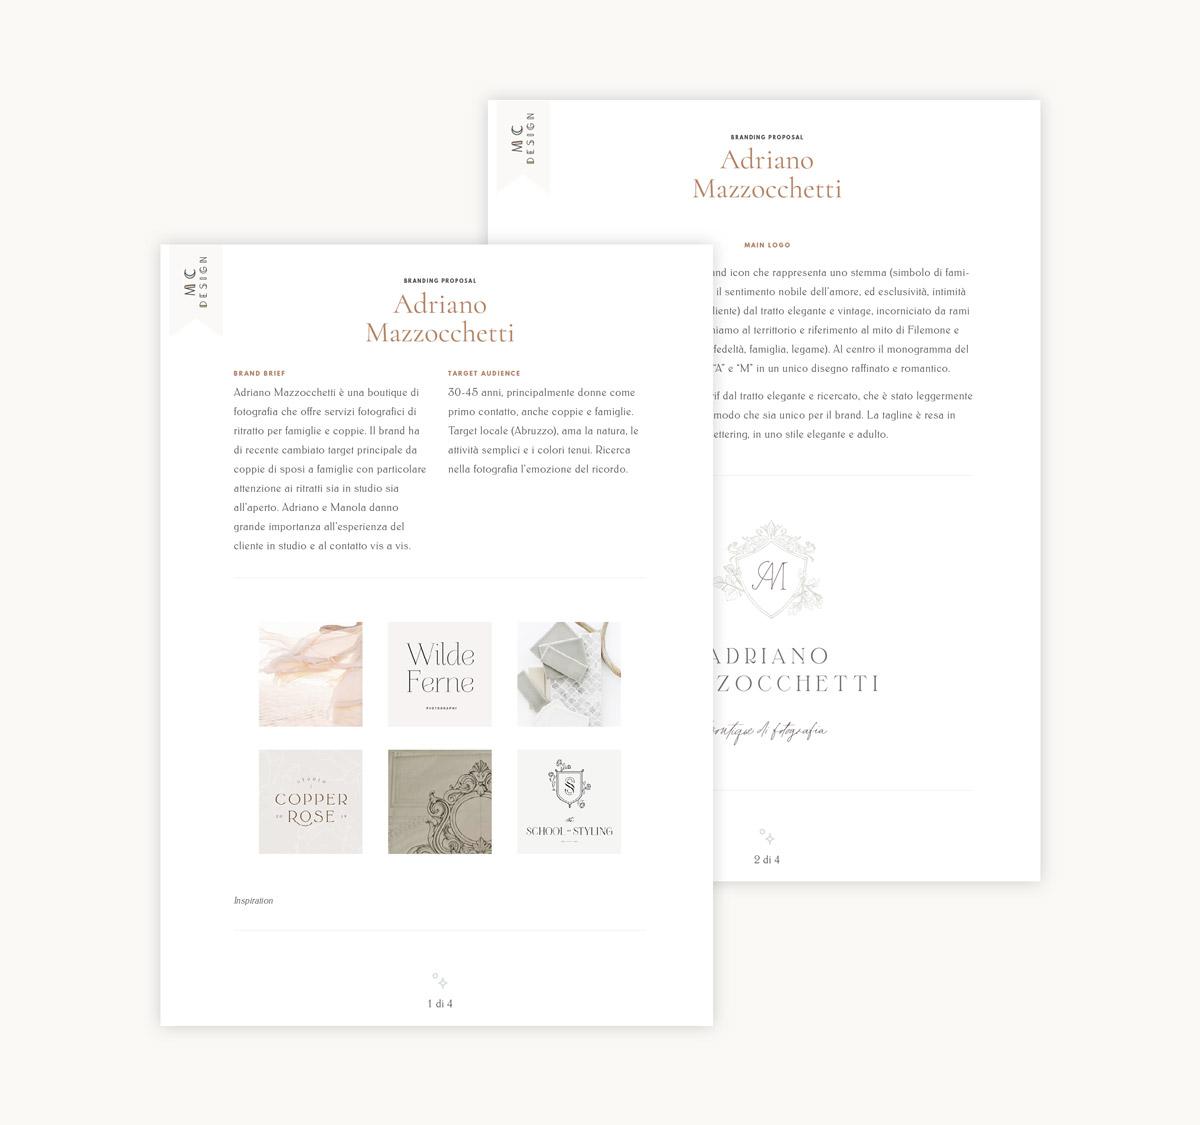 Behind-the-scenes of my logo design process presentation - Miel Café Design